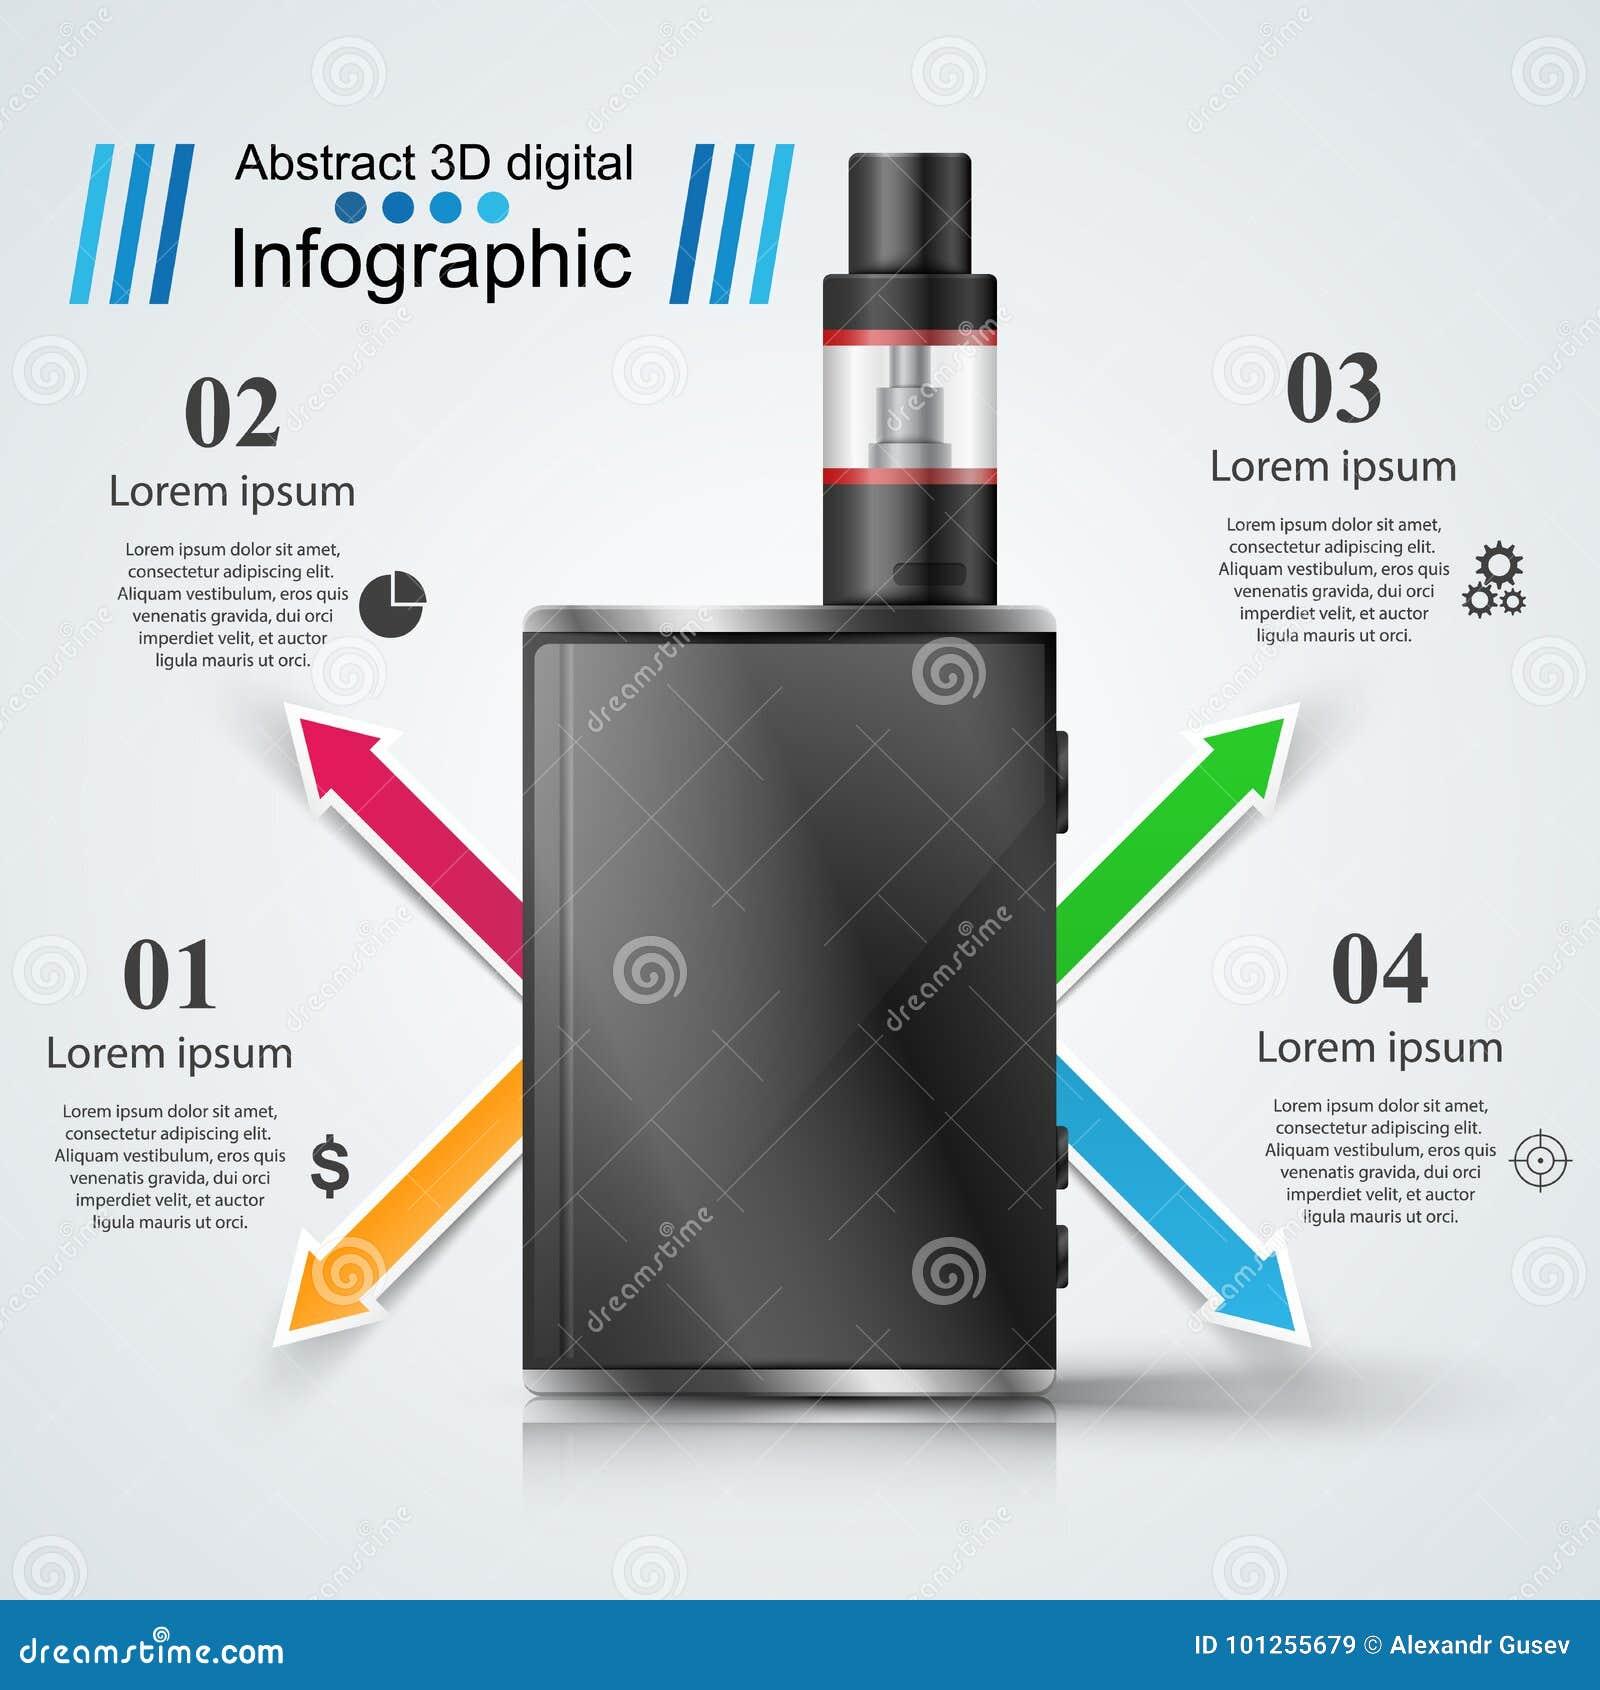 Vape, vaper, καπνός - επιχείρηση infographic